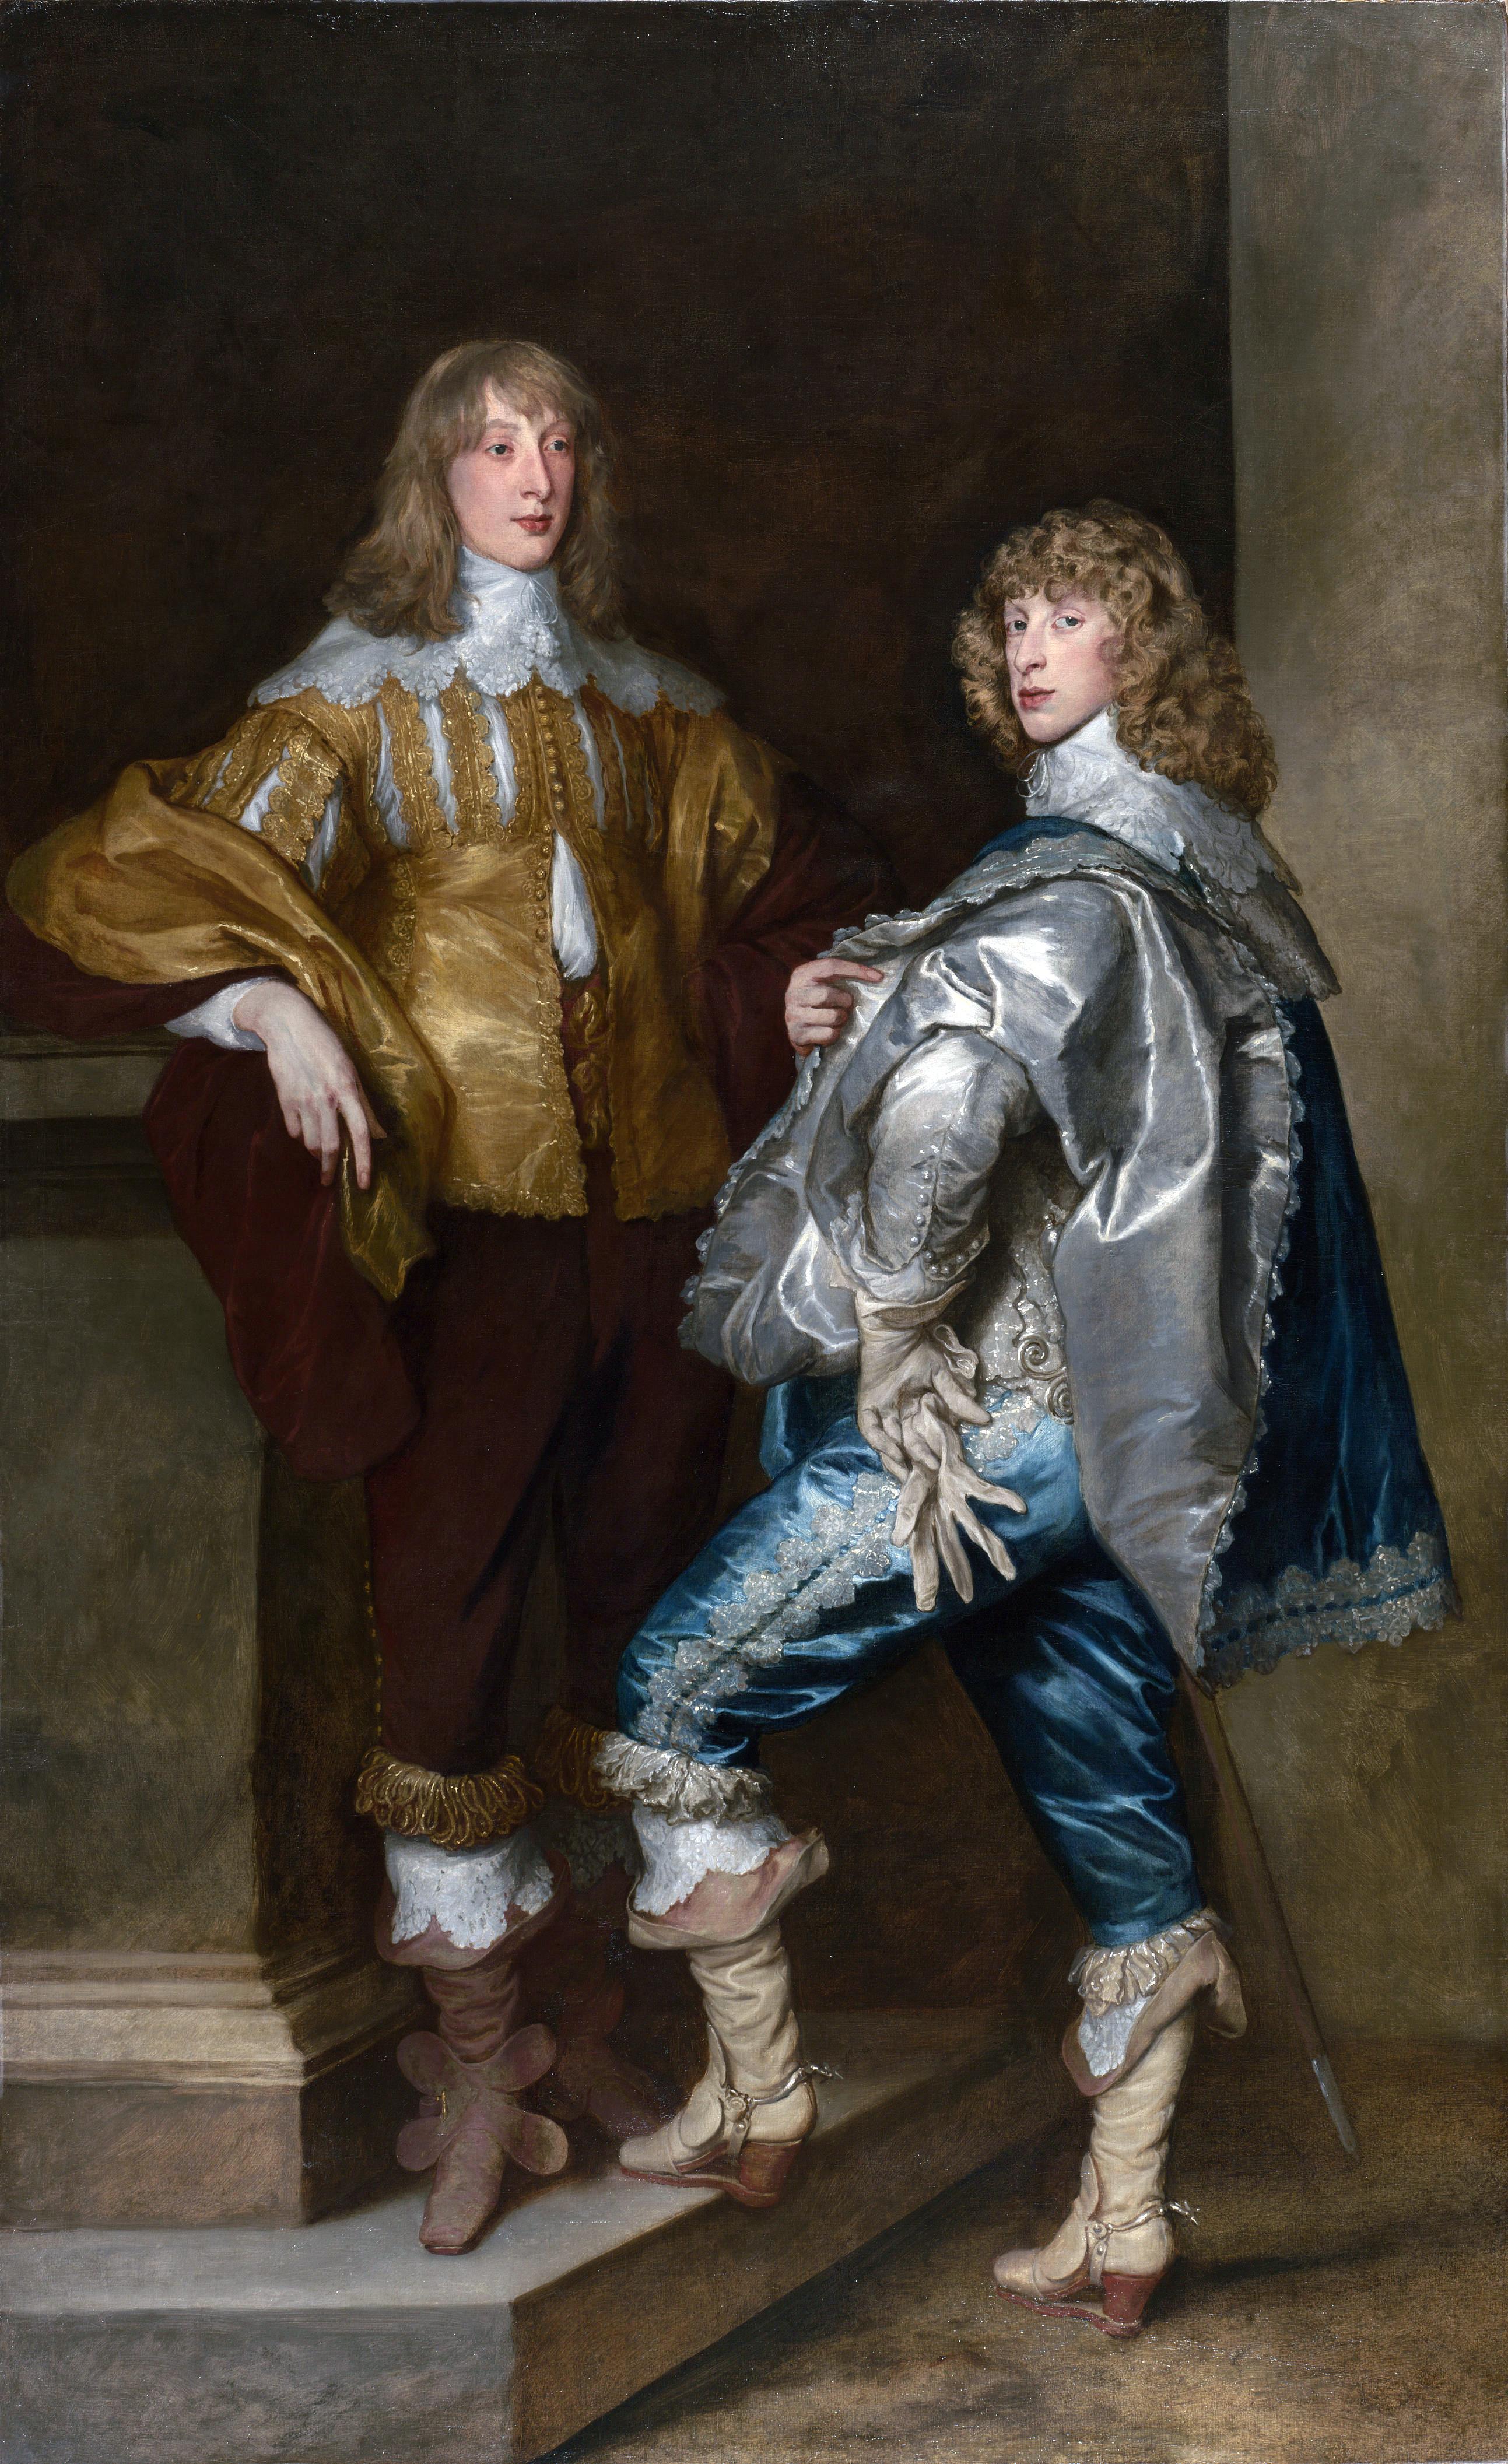 Sir-Anthony-van-Dyck-Lord-John-Stuart-an